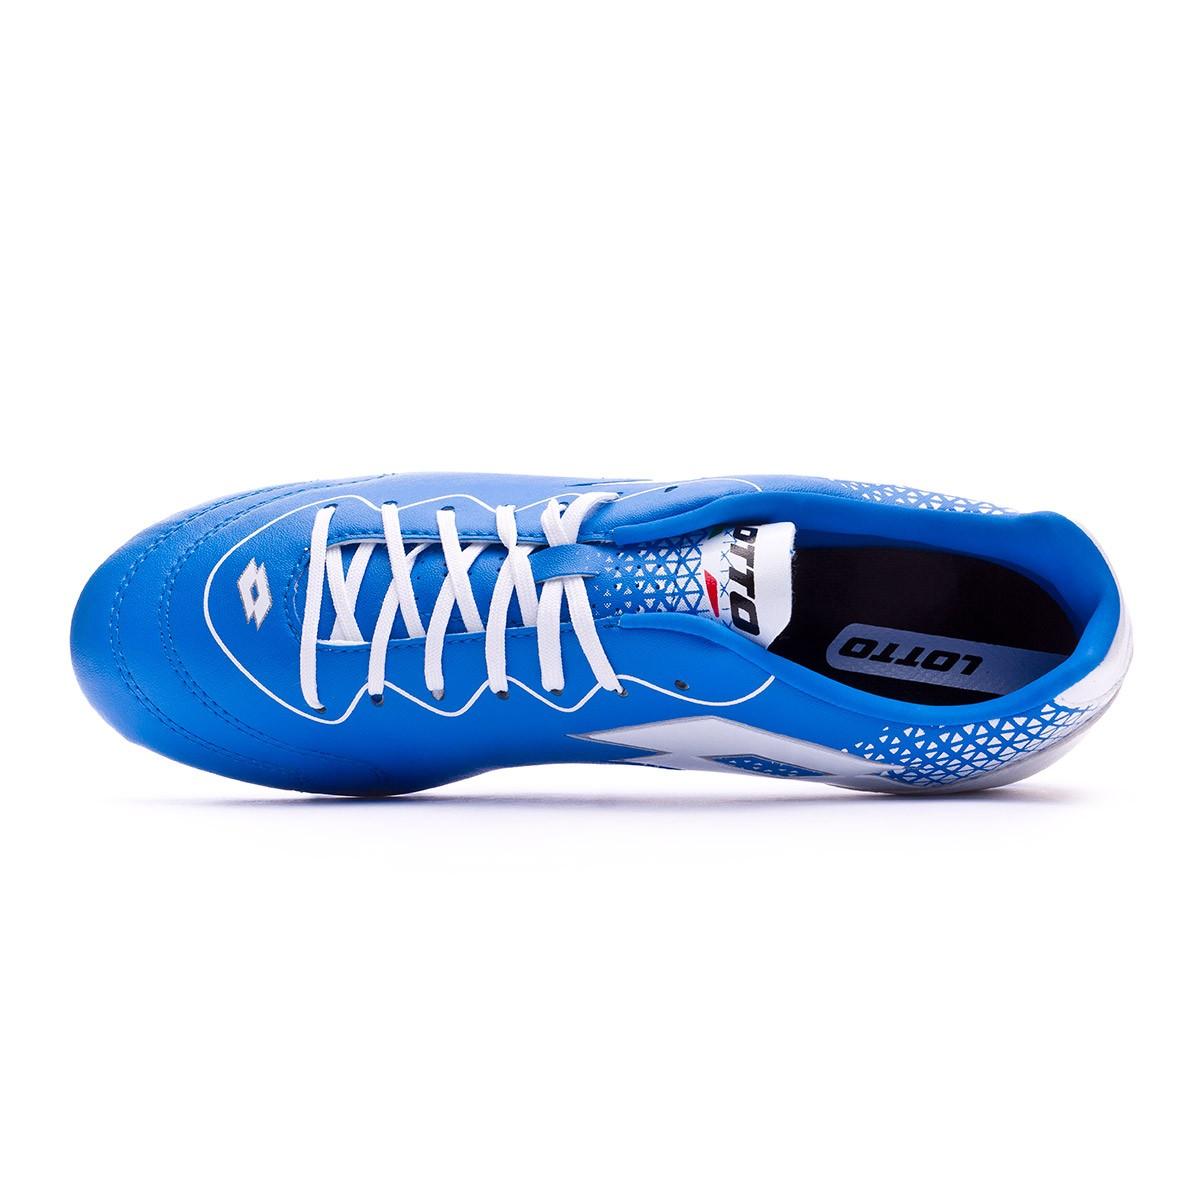 Calcio Blue Ag28 White Scarpe 700 Negozio Spider Xv Lotto Di K1Tc3lFJ